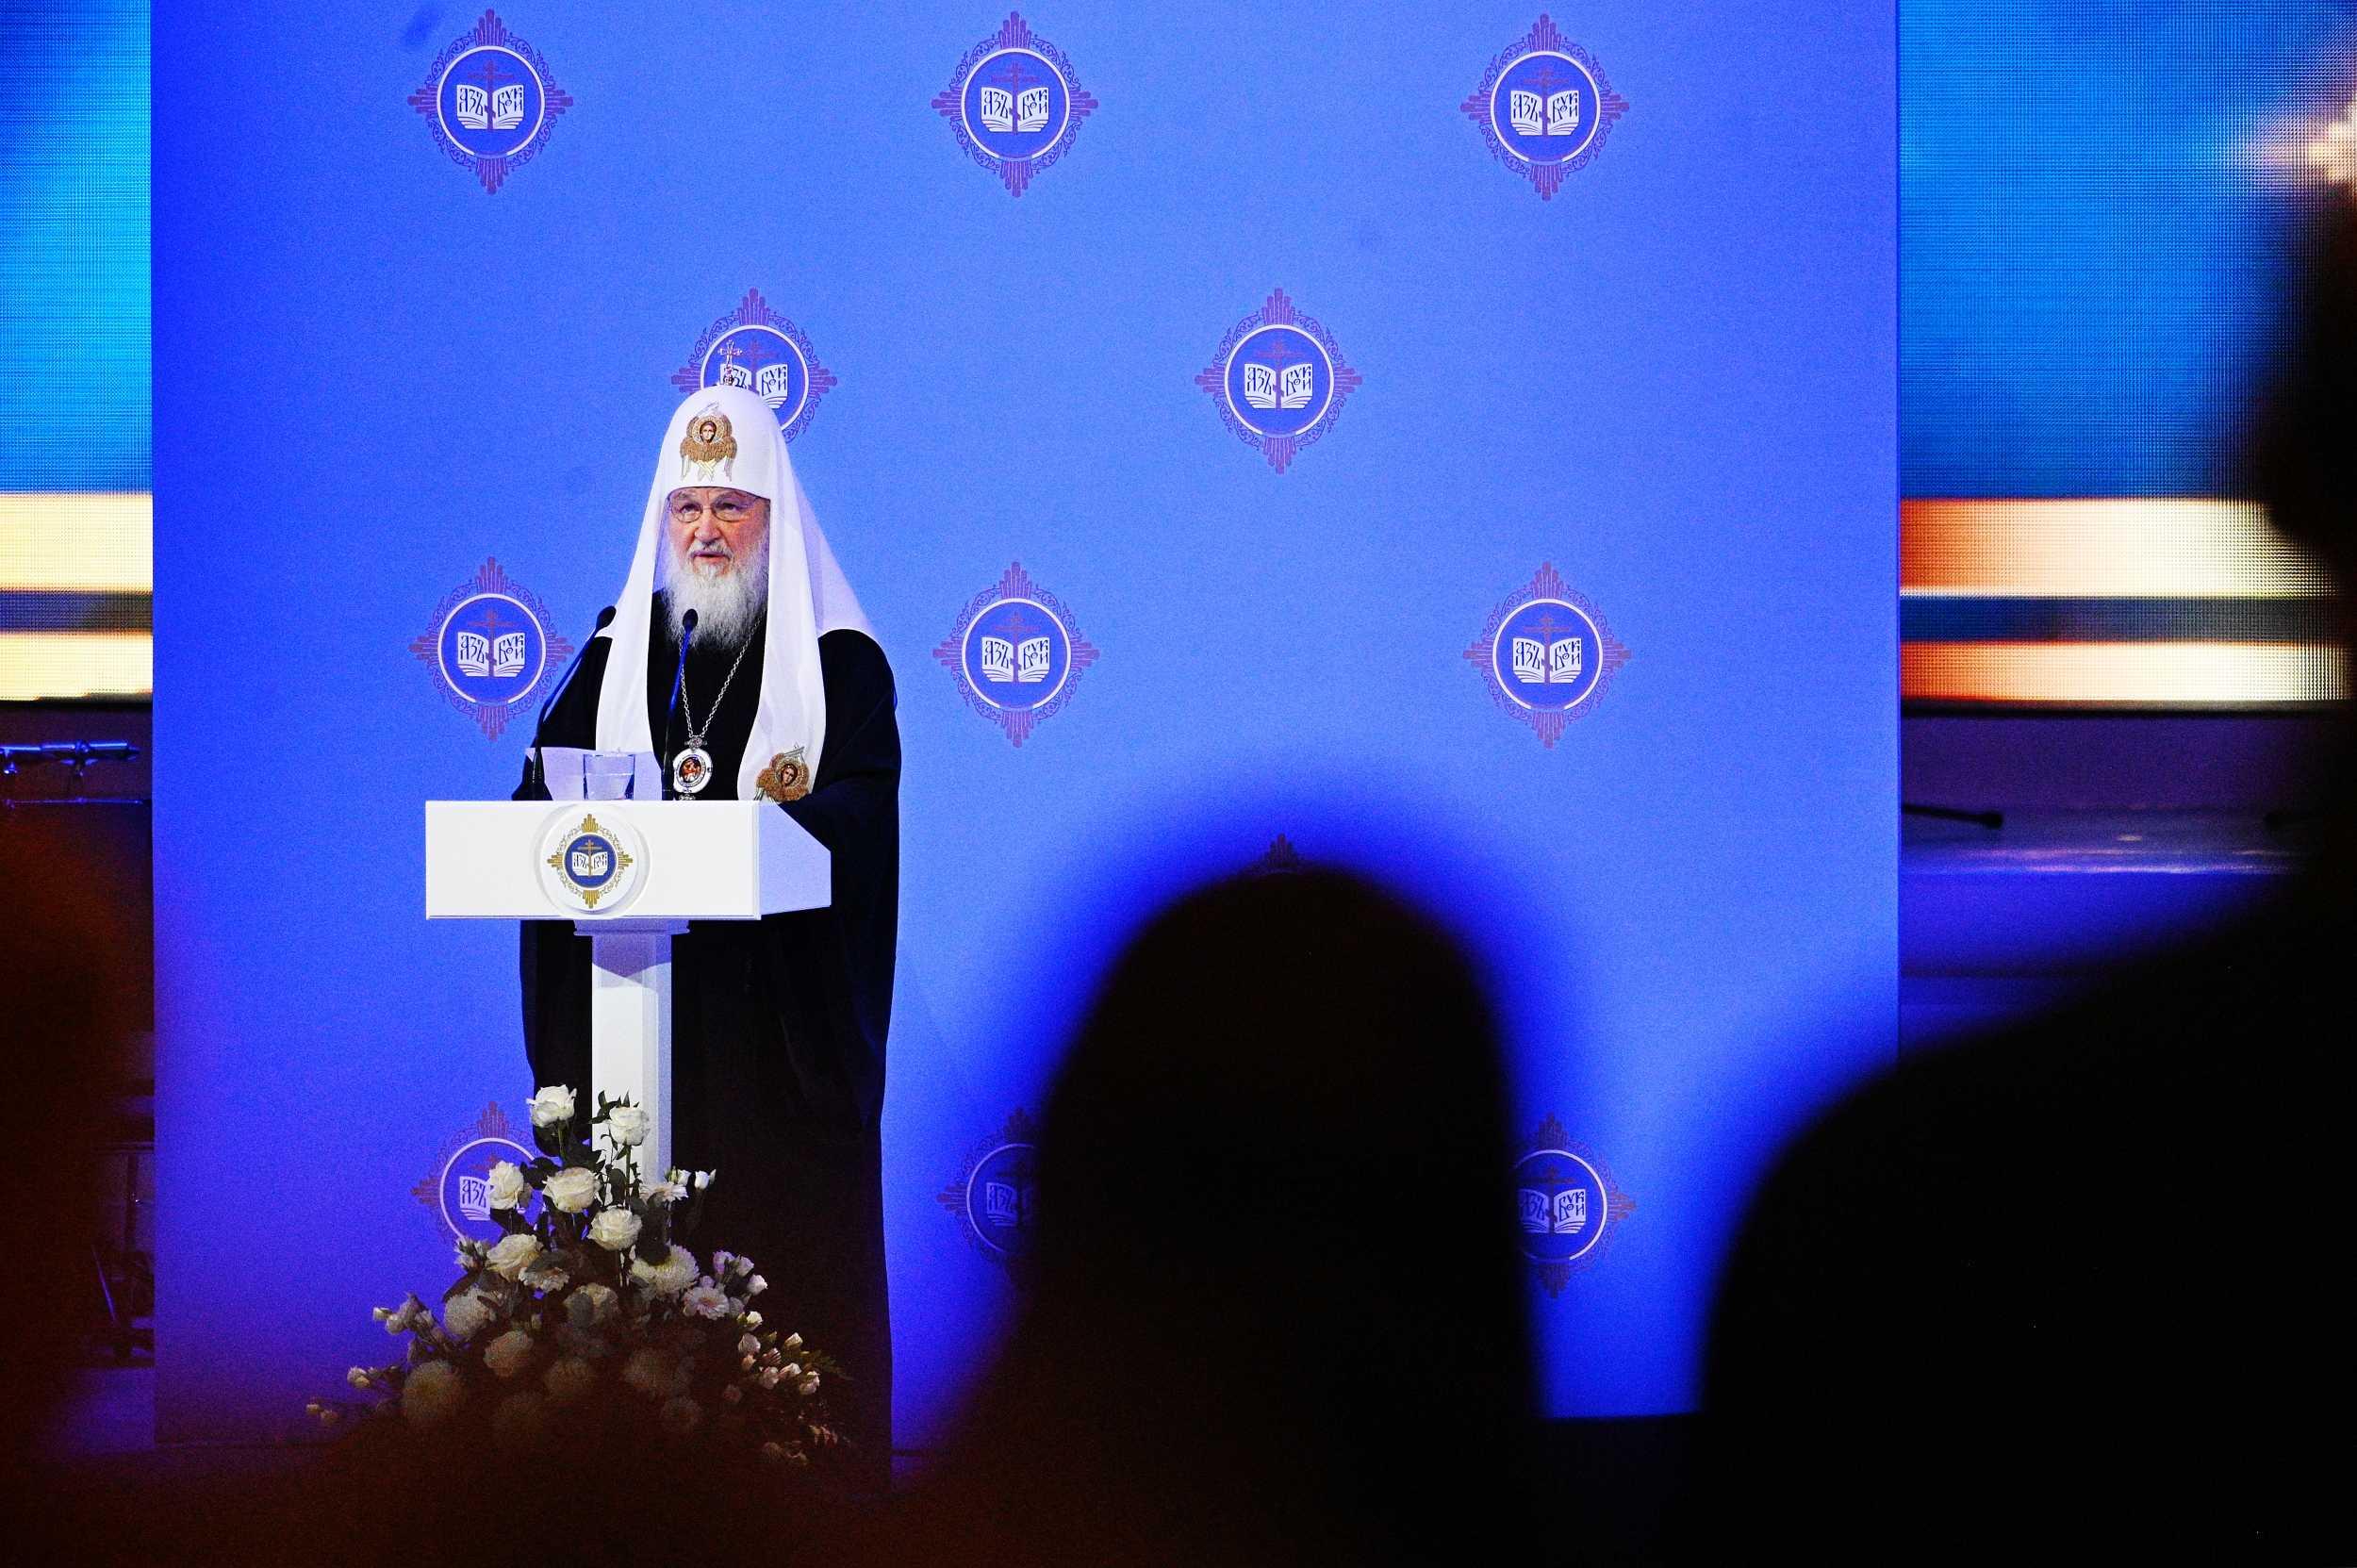 Святейший Патриарх Кирилл: Солидарность, единство народа, его возвращение к духовным корням стали источником и прочным основанием Победы